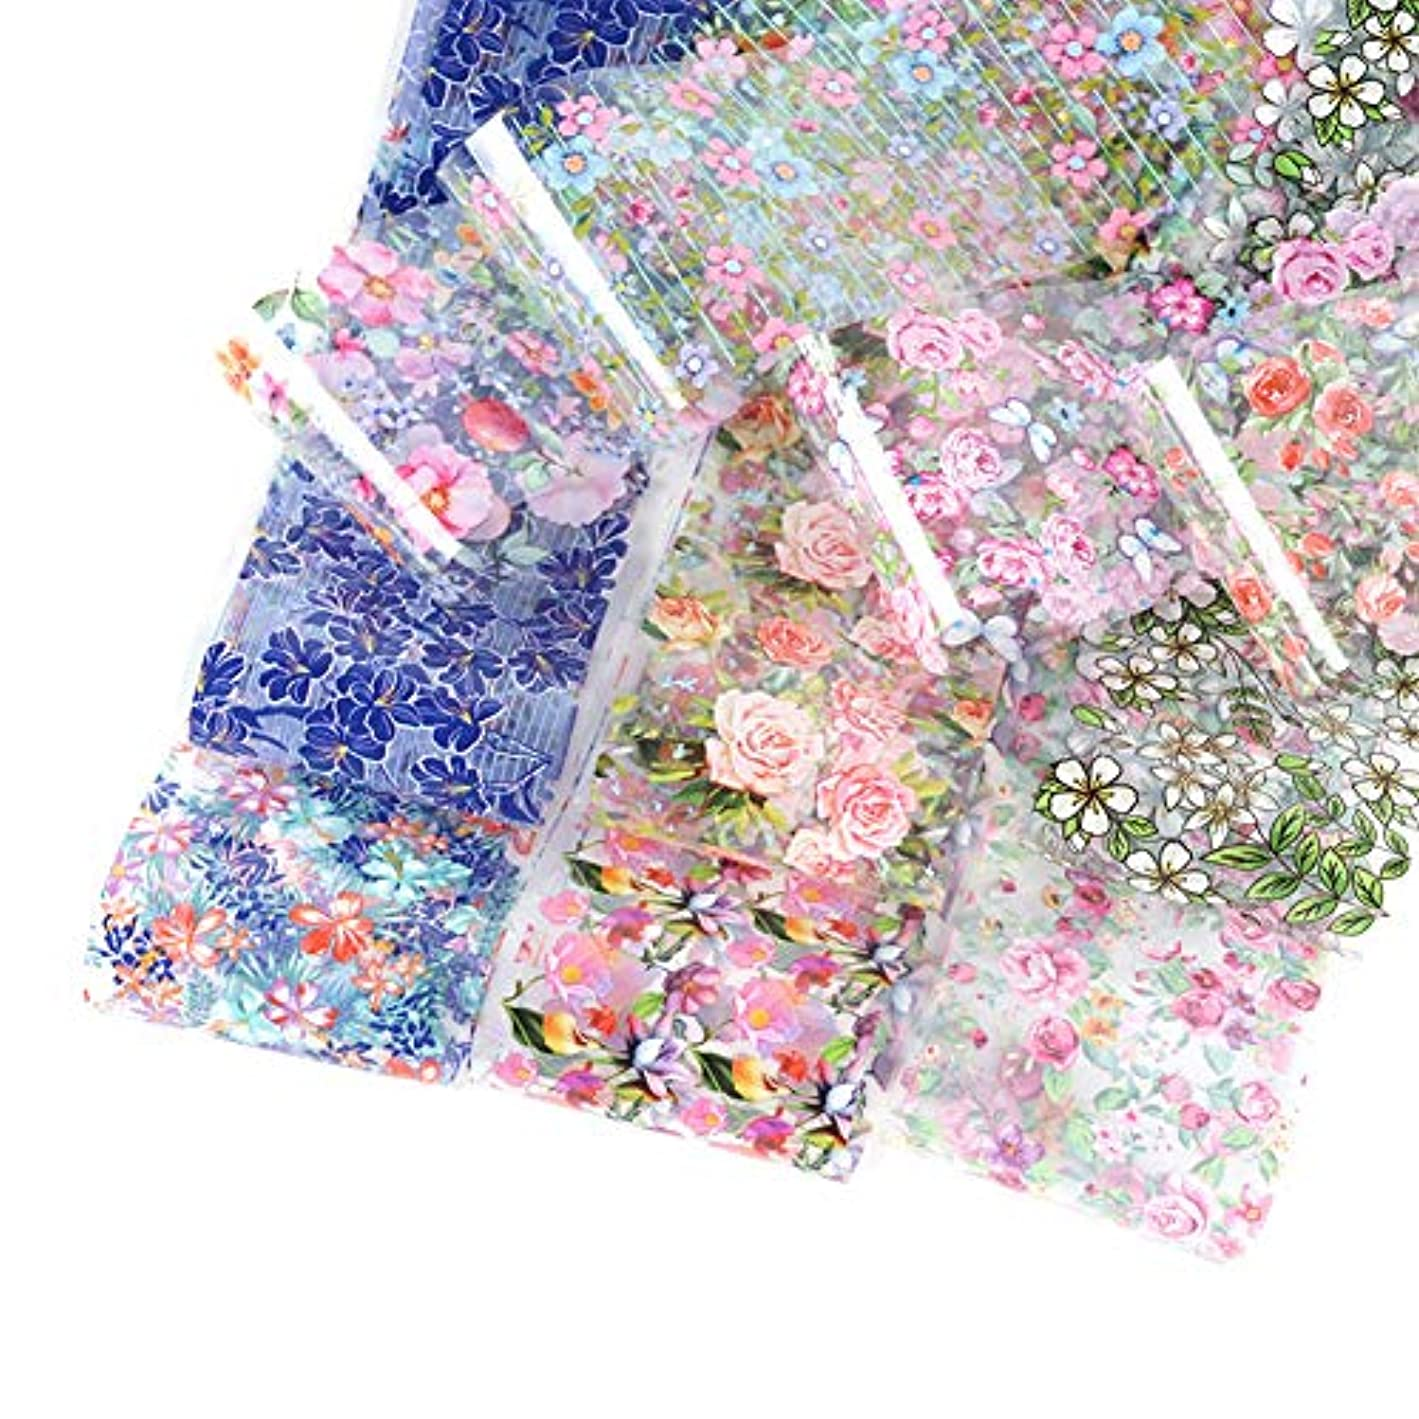 グラフィック松明させるRadiya ネイルシール ネイルステッカー 星空ネイル シェル 花柄ネイルホイル 水彩の花 転写ホイル 箔紙 シェルプリント 極薄フィルム 10枚セット